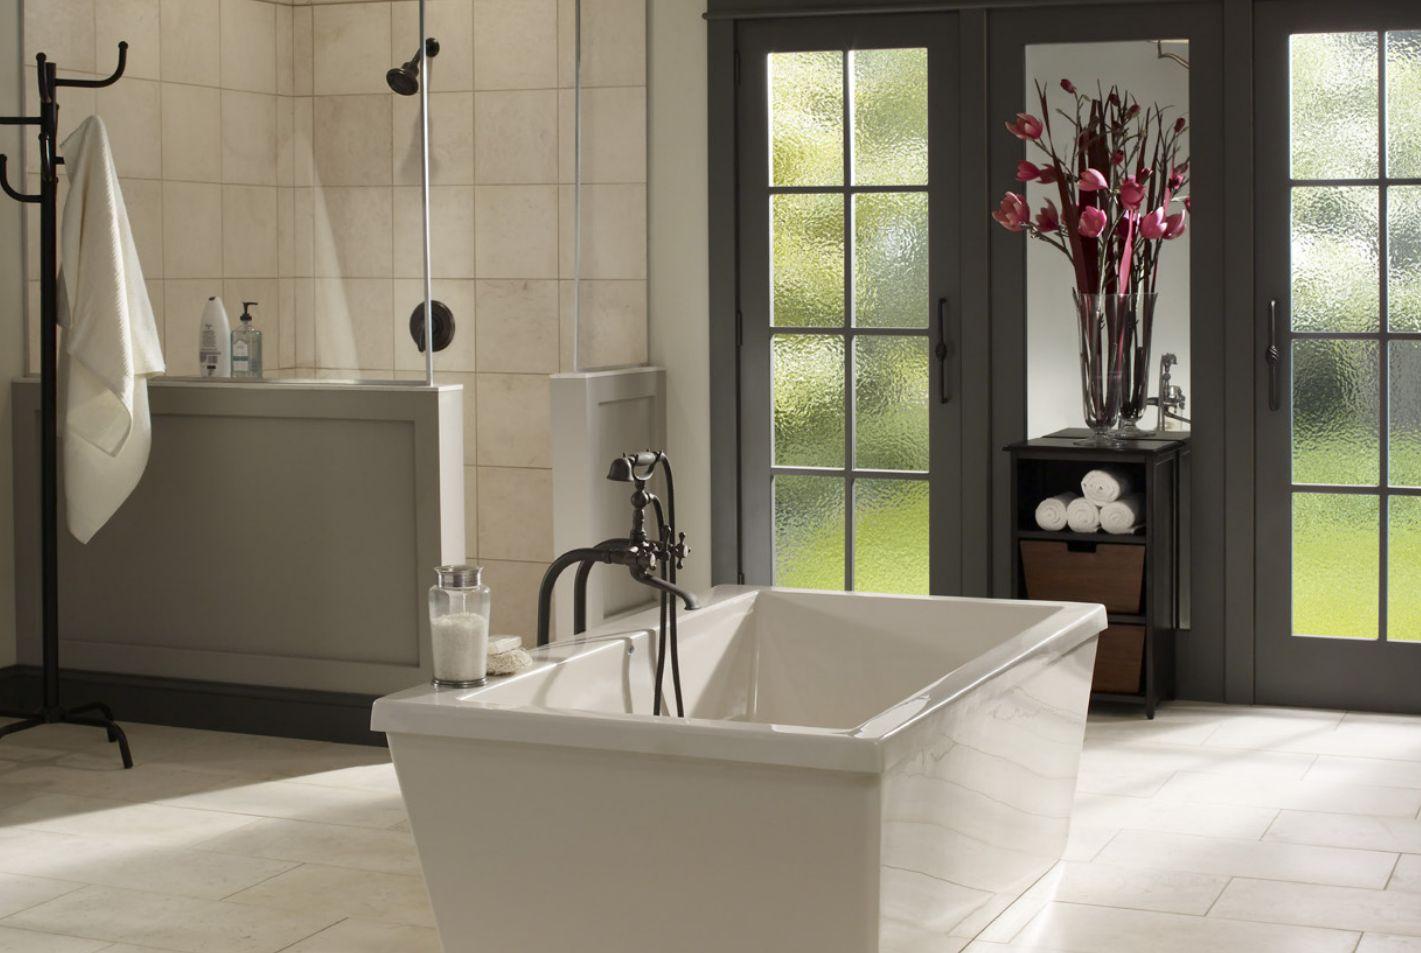 Baño con puertas de madera y bañera independiente